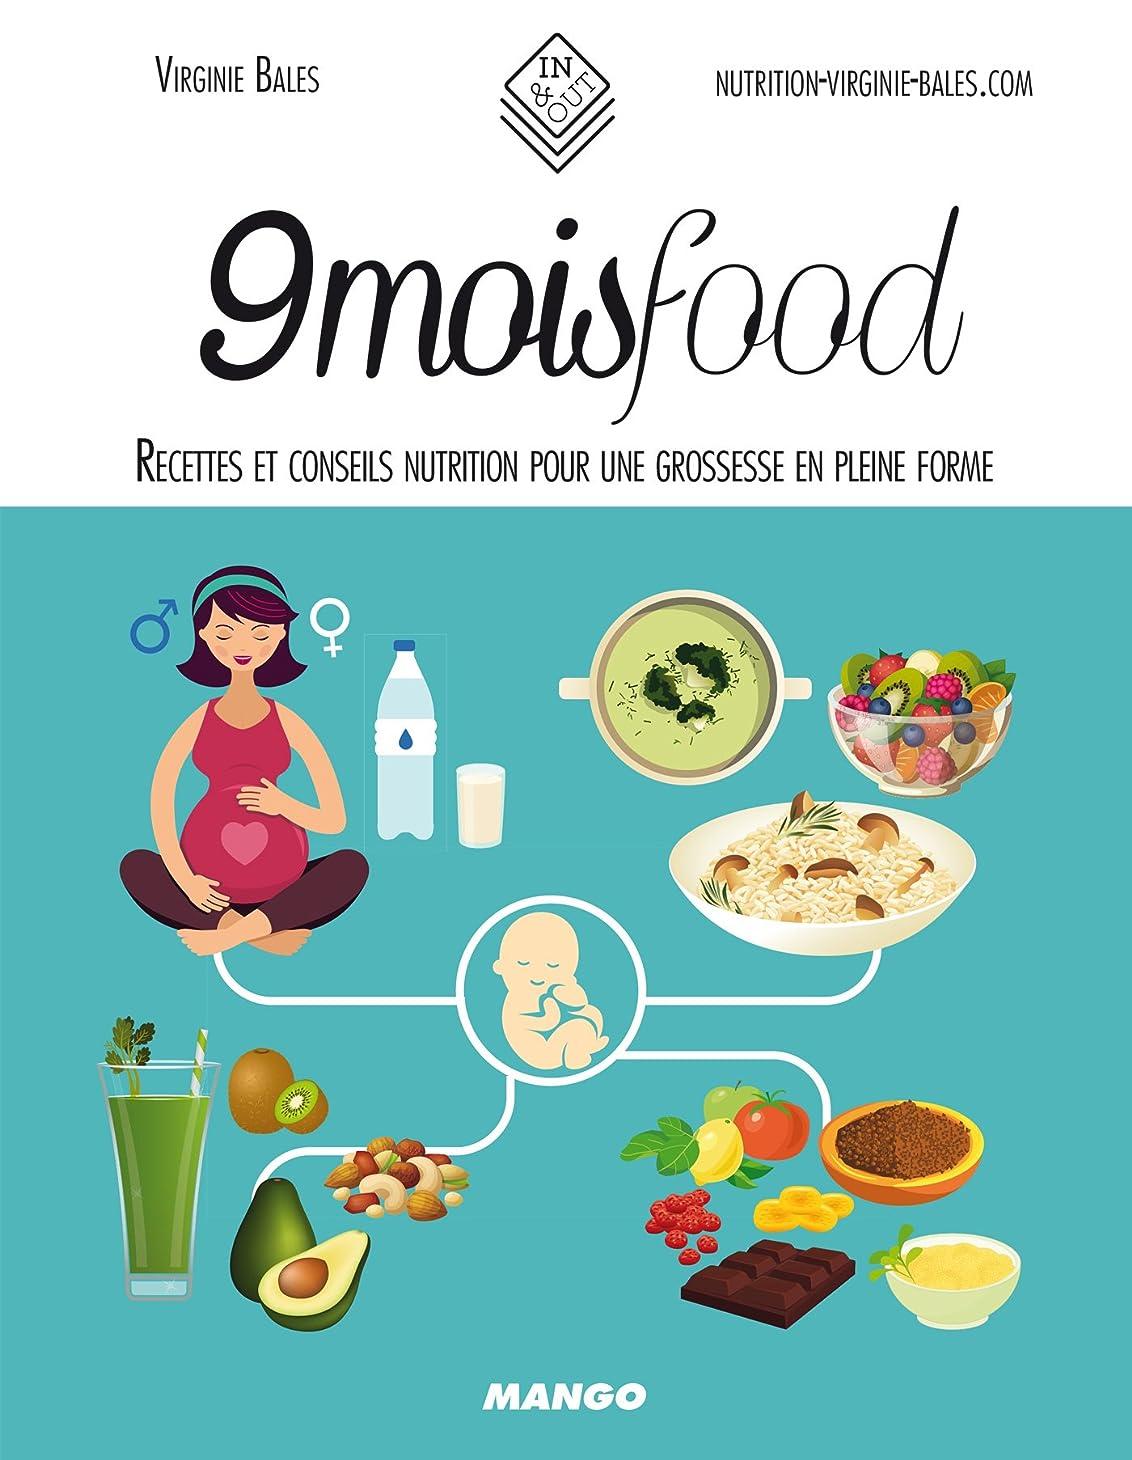 なめらかシネウィ学校の先生9 mois food - Recettes et conseils nutrition pour une grossesse en pleine forme (In and out) (French Edition)